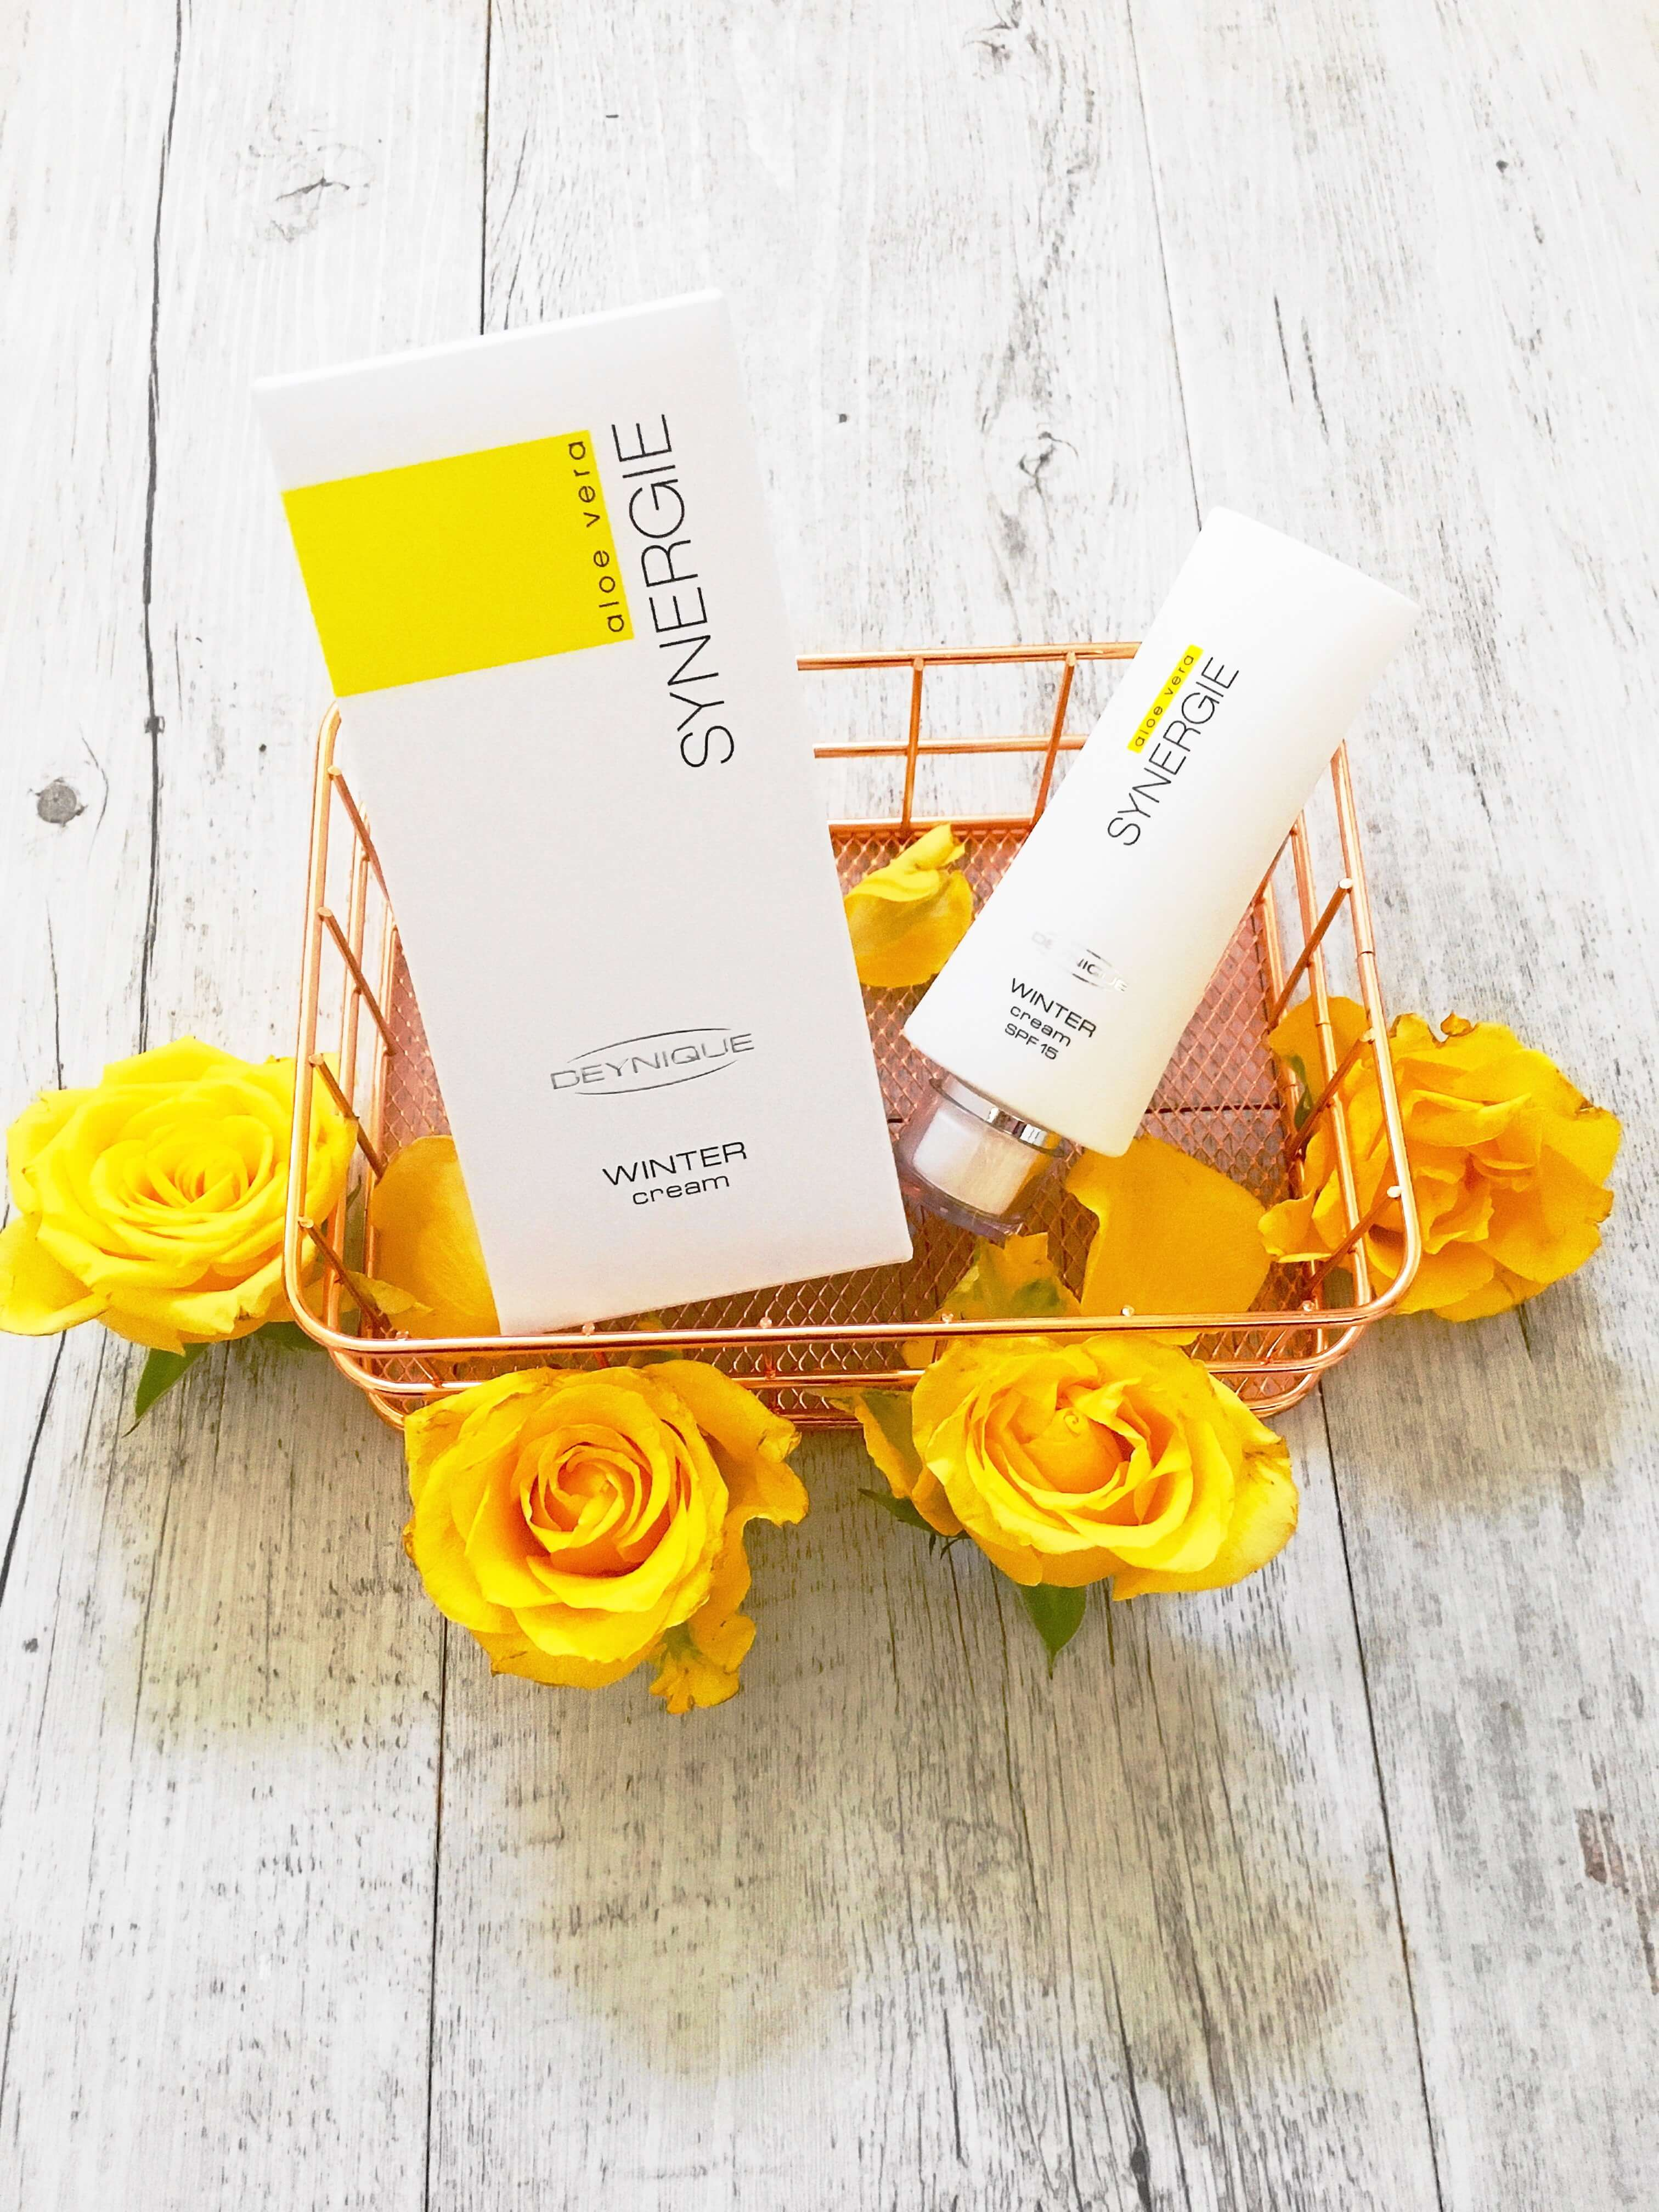 Heute stelle ich euch auf meinem Blog die wunderbare Aloe Vera SYNERGIE Winter Cream von Denique Cosmetics gegen trockene Winterhaut mit Details näher vor